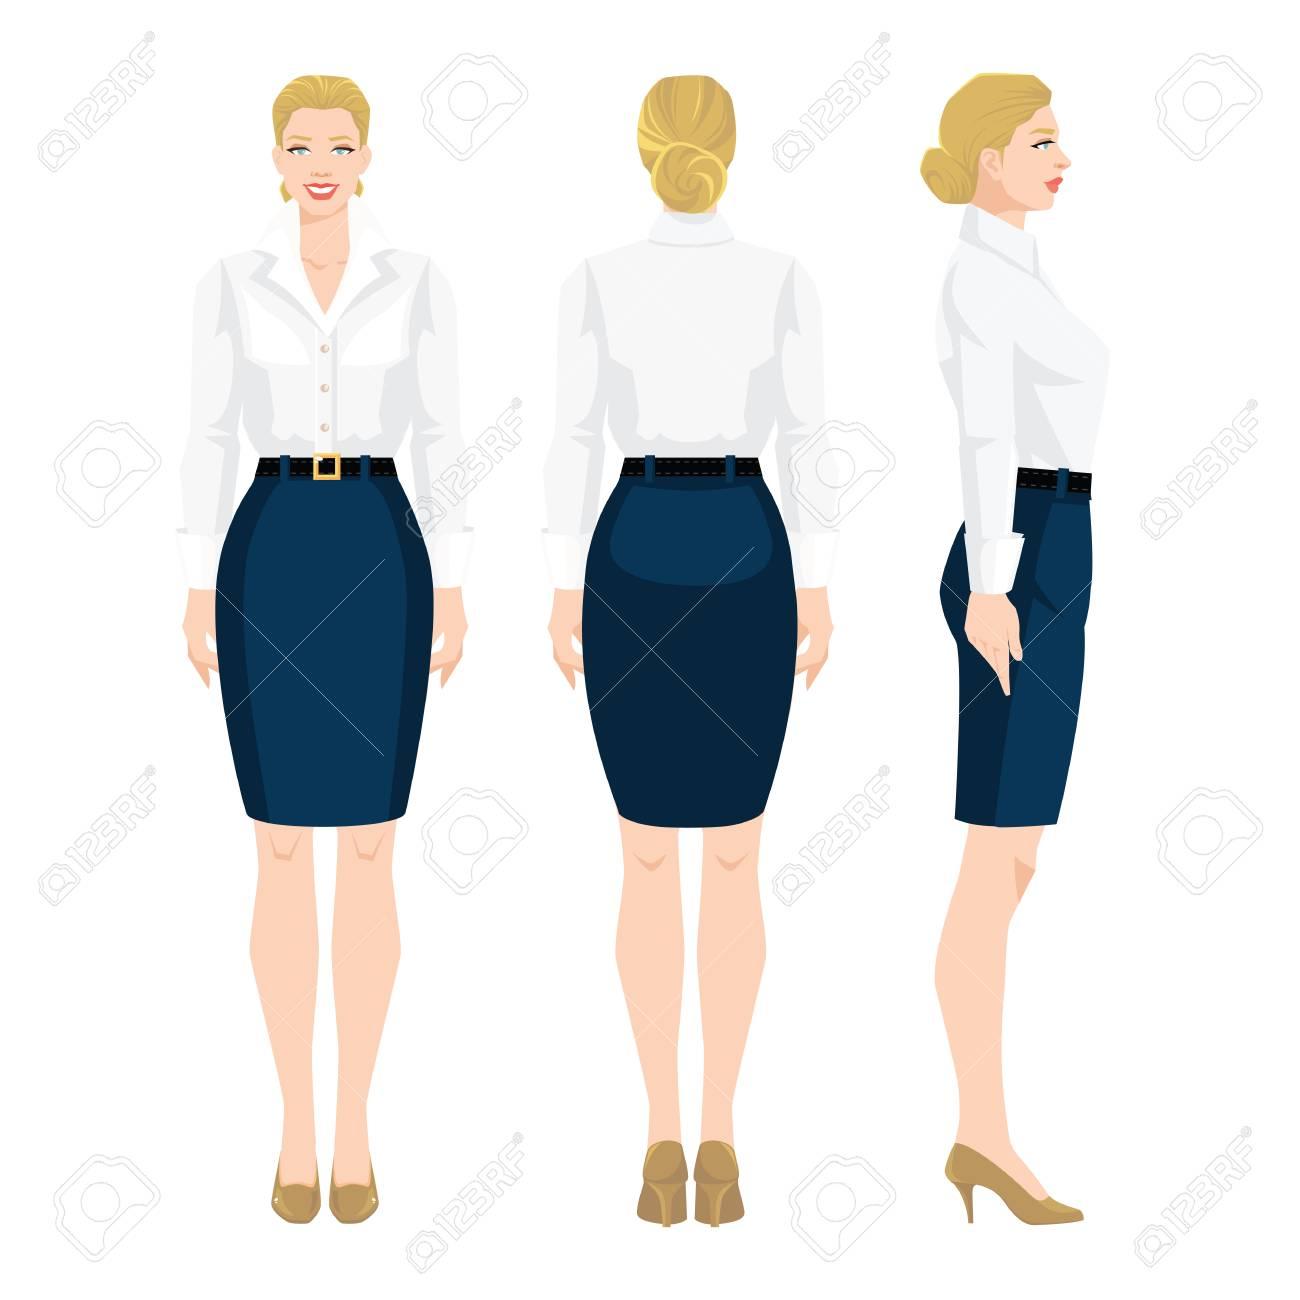 正式な青いスカート、白いブラウス、白い背景の上の高さヒールの靴で女性のベクトル イラスト。様々 な女の姿になります。正面図と背面図。